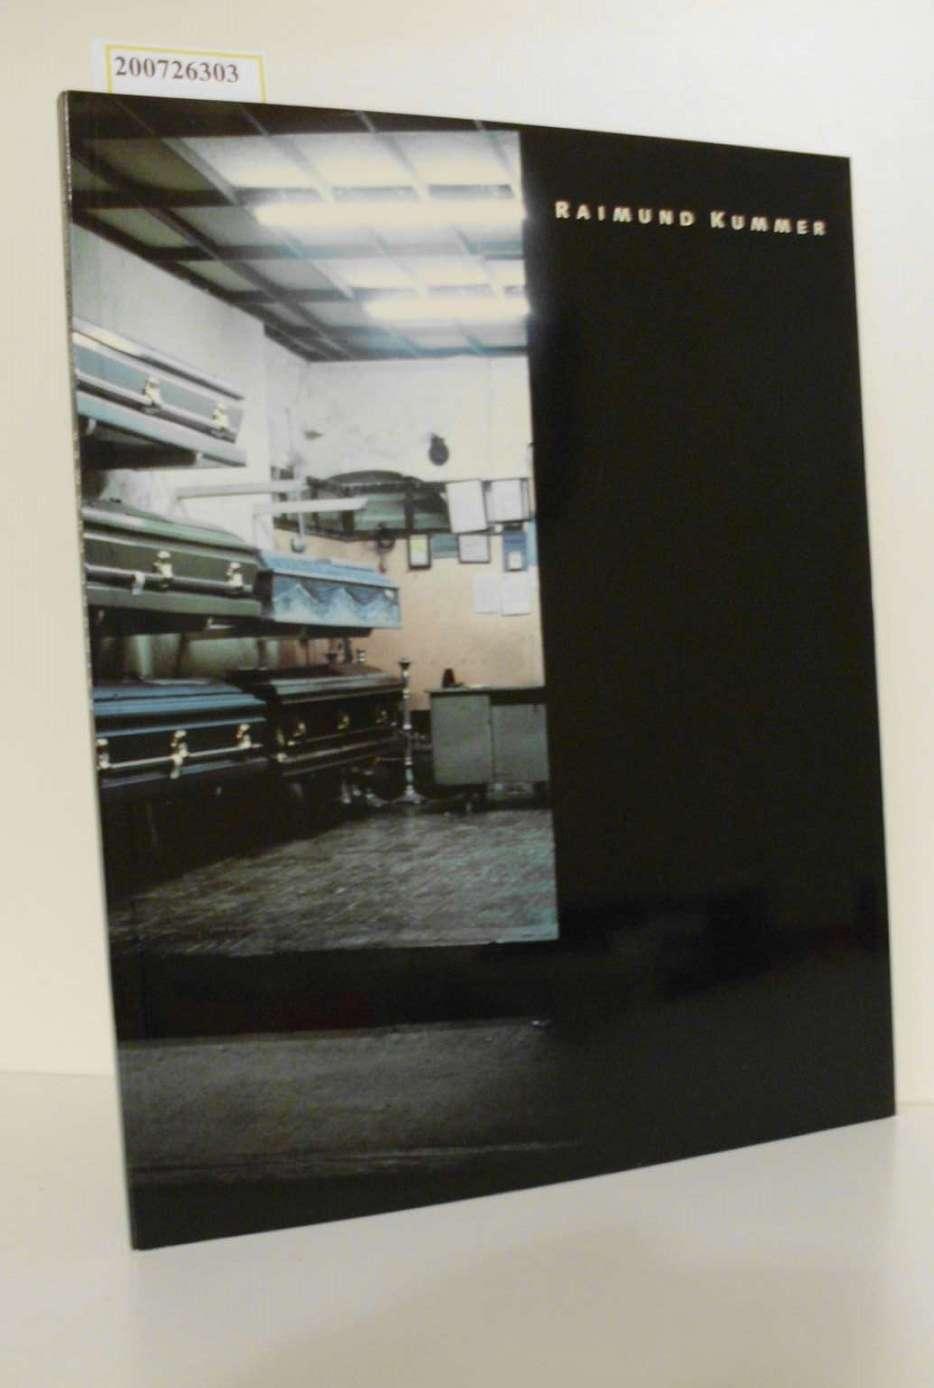 8. Juni - 30. Juli 1988, Kunstraum München / [Hrsg. Kunstraum München e.V. Fotogr. Raimund Kummer ... Gestaltung Hans Werner Holzwarth ; Raimund Kummer]